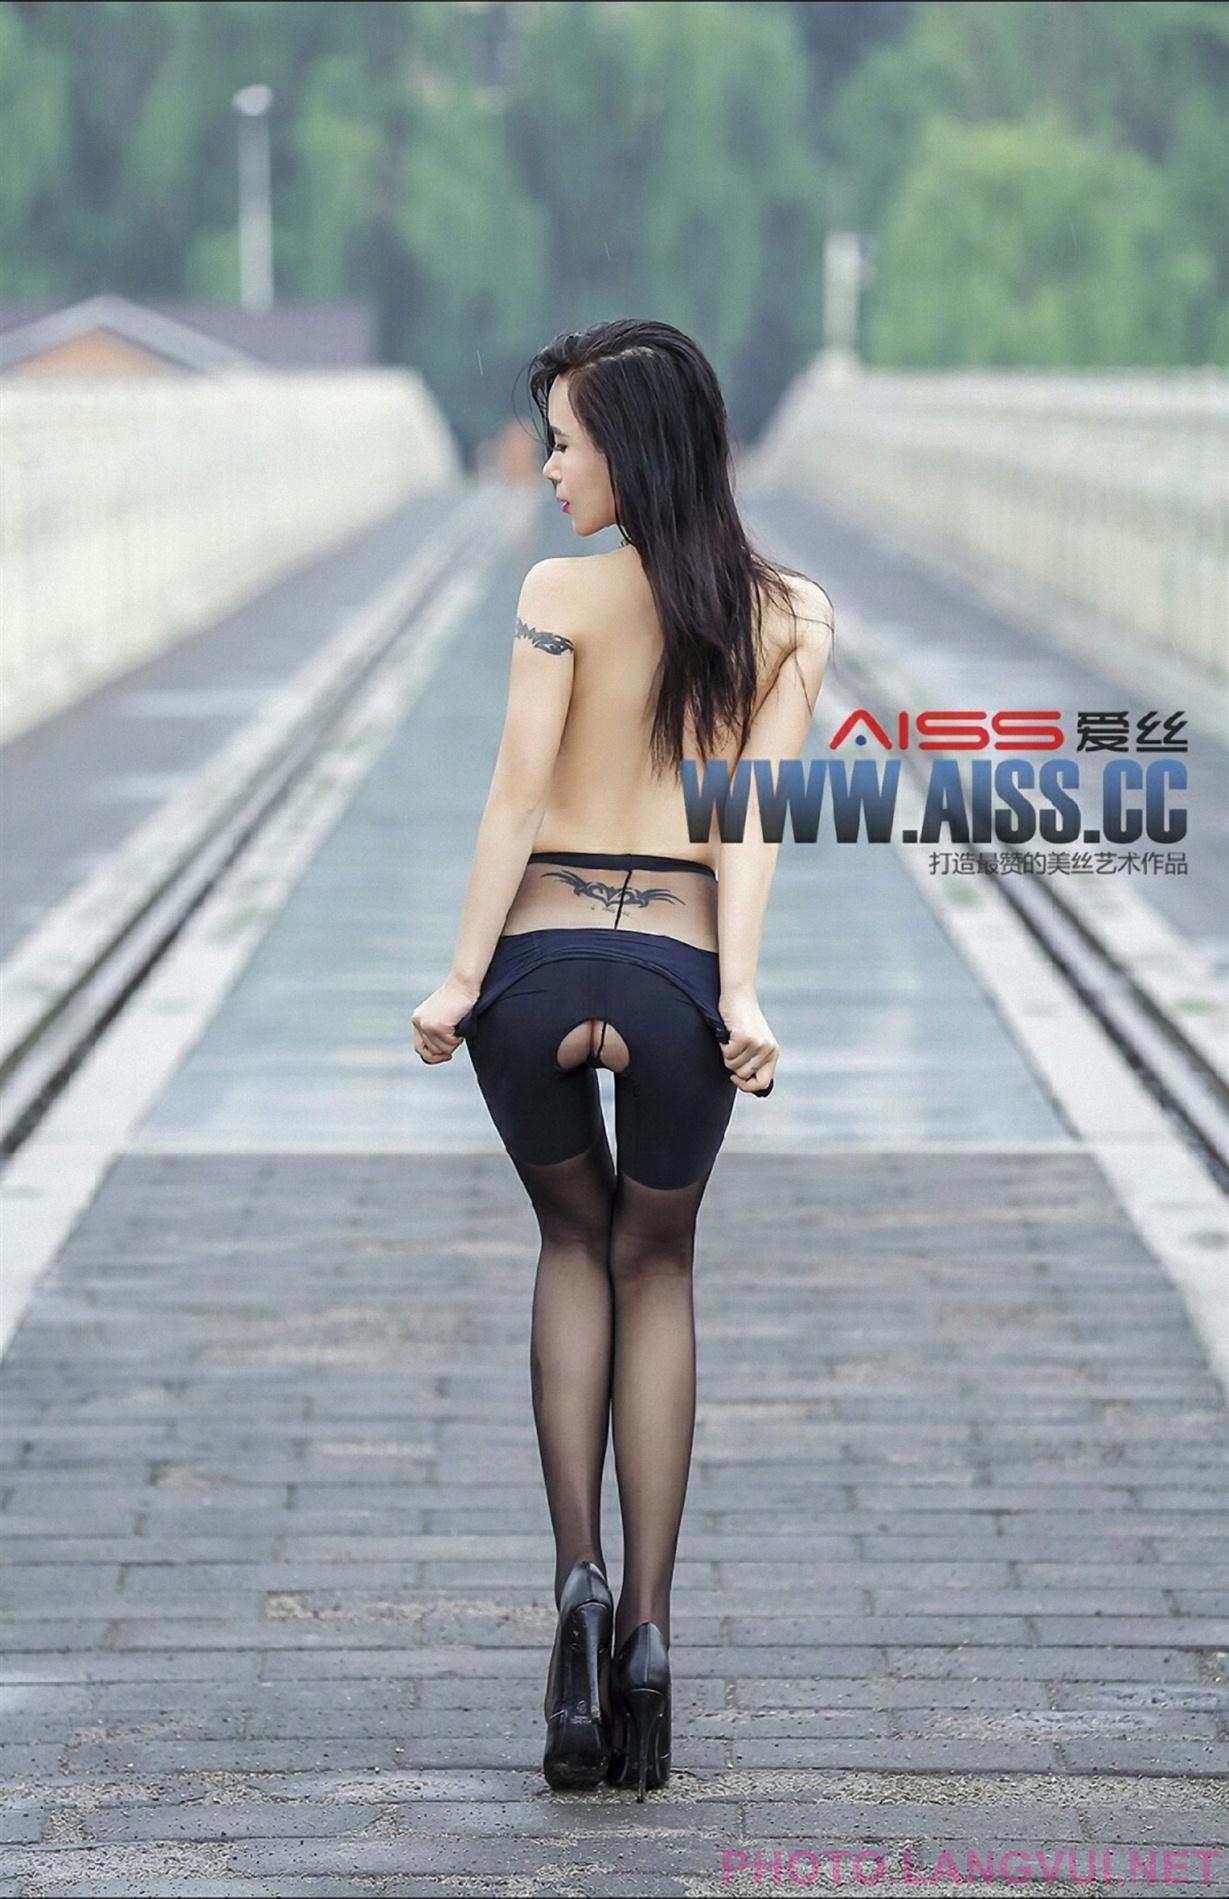 AISS No goddess tattoo fans of outdoor